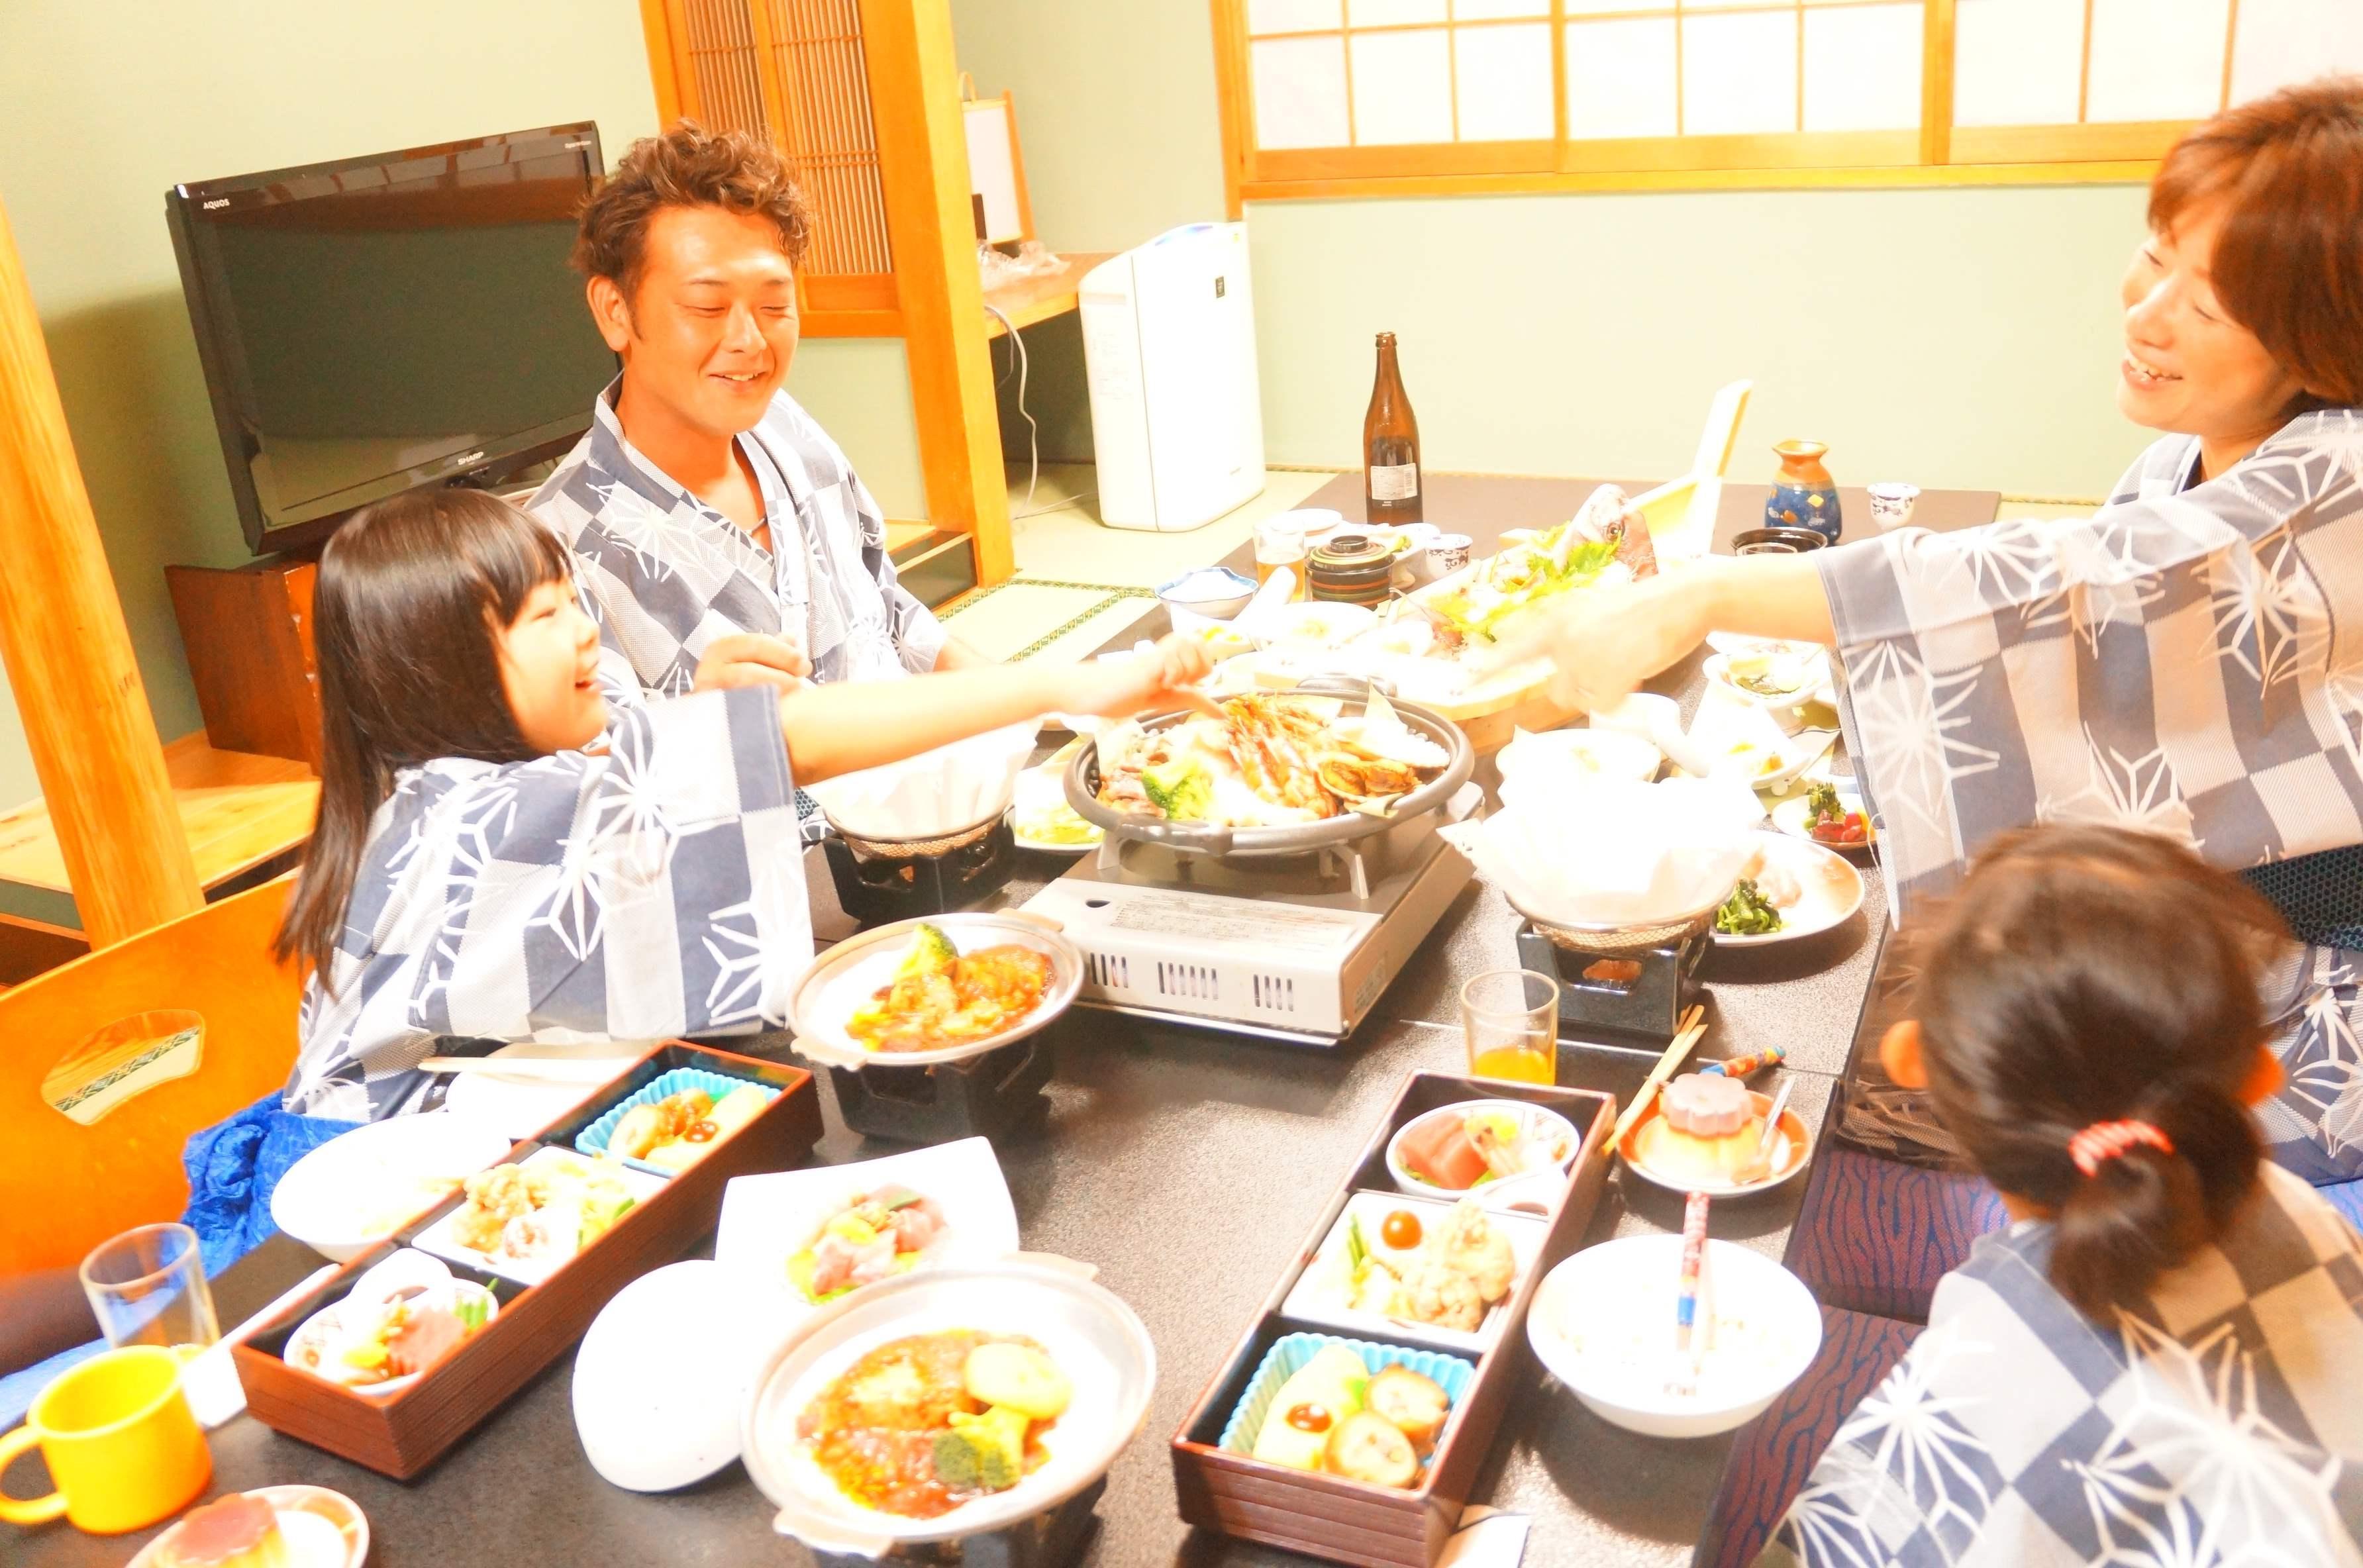 【これぞお値打】伊勢海老付会席/オーシャンビューなお部屋でゆったりお食事を。